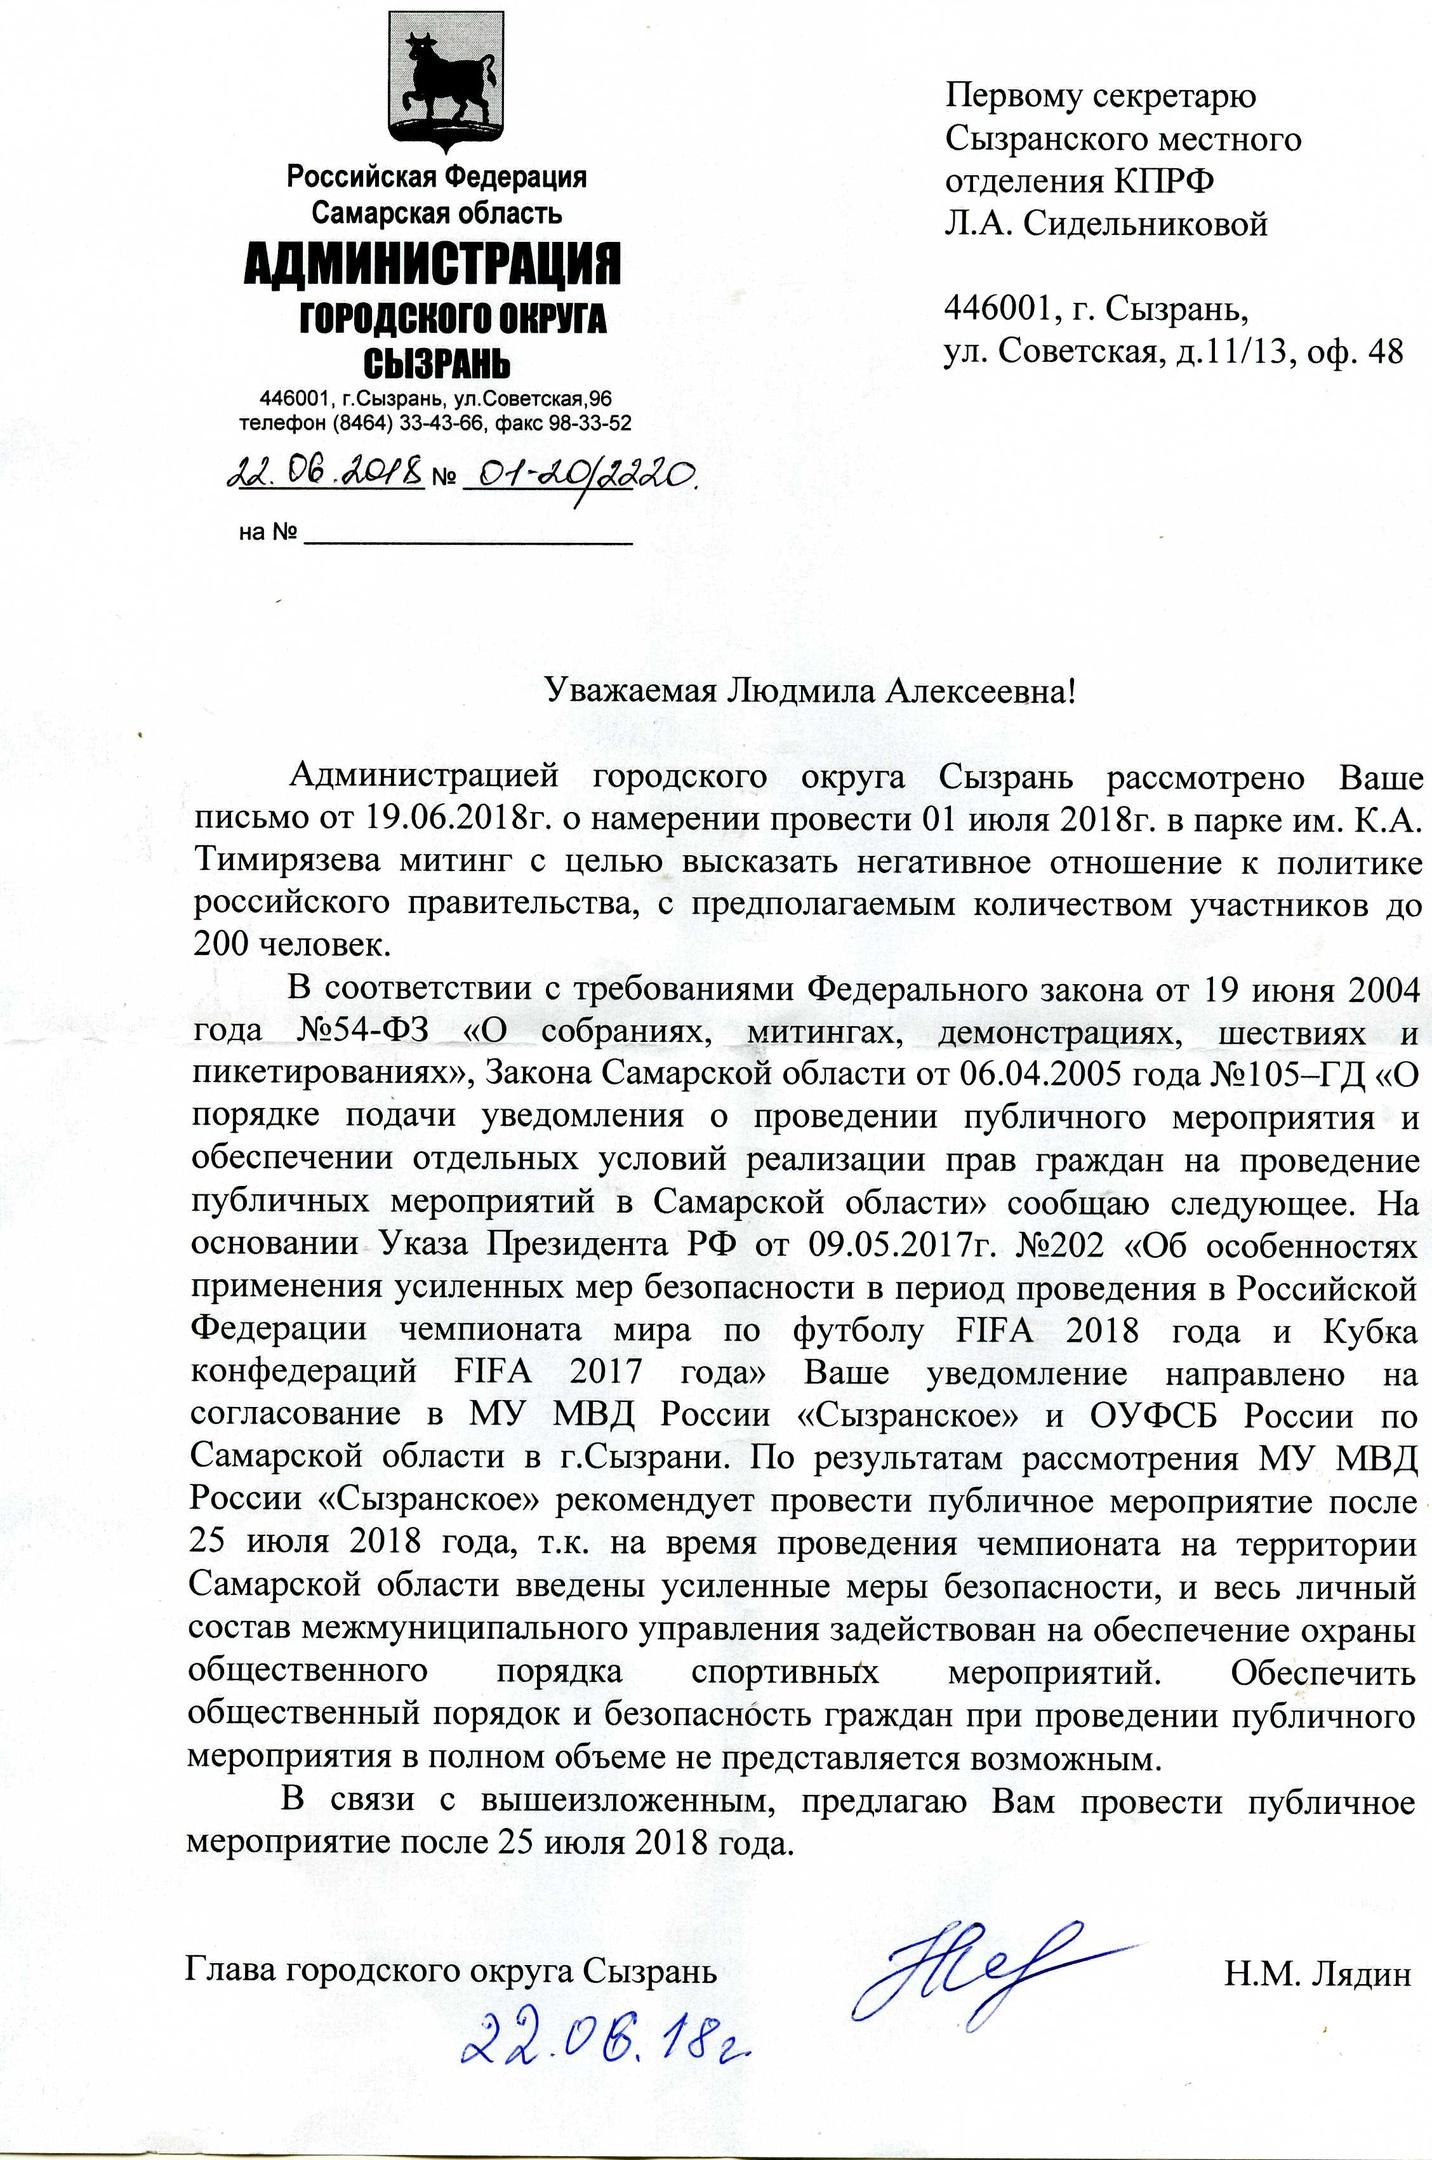 Отказ в праве на проведение митинга Сызрань 2018